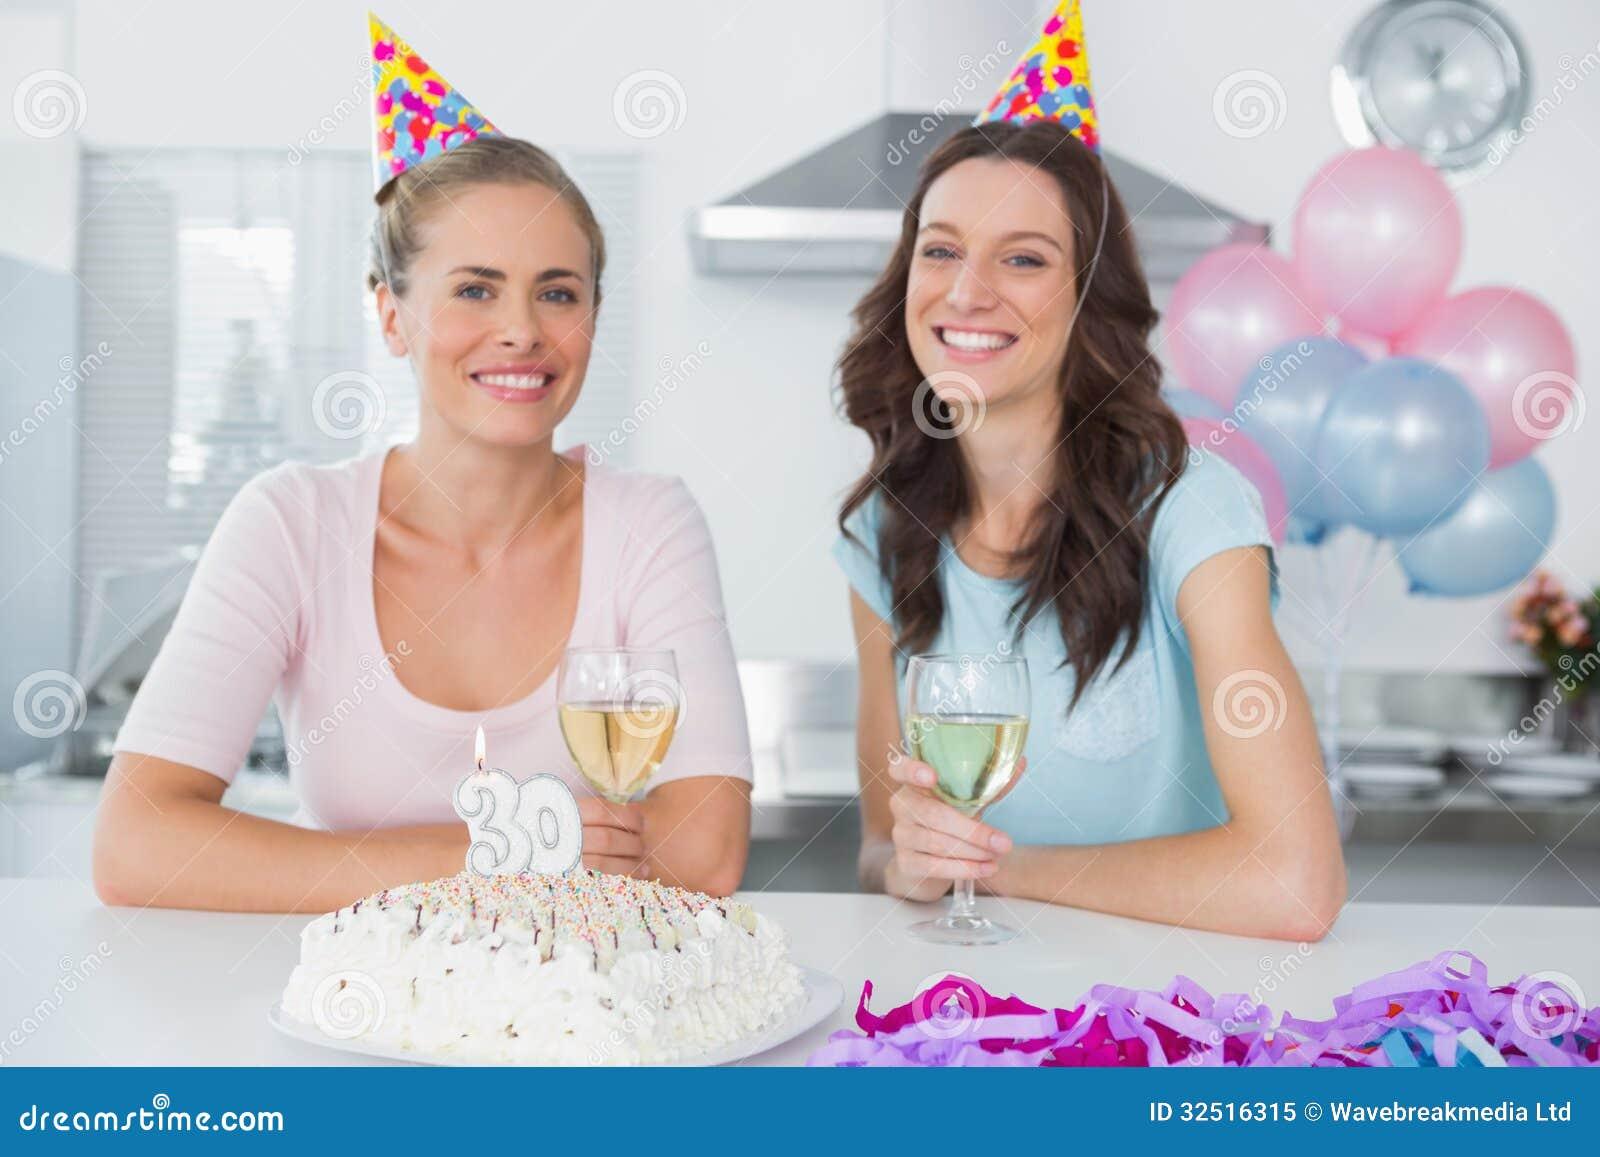 Rozochocone kobiety pije białego wino i świętuje urodziny